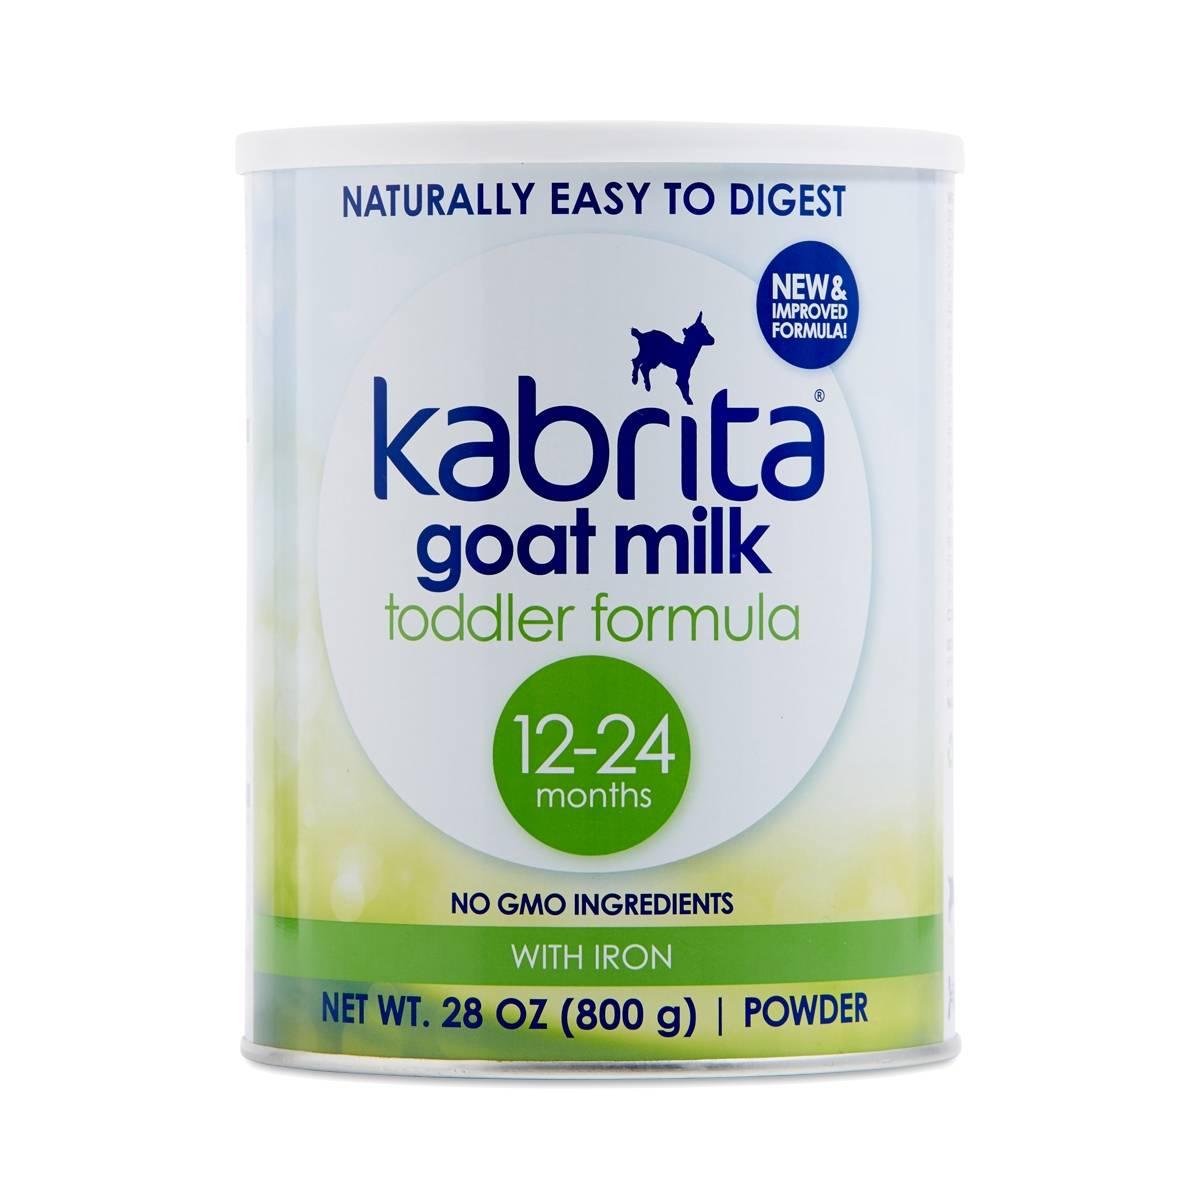 Kabrita Goat Milk Toddler Formula Powder 12 24 Months